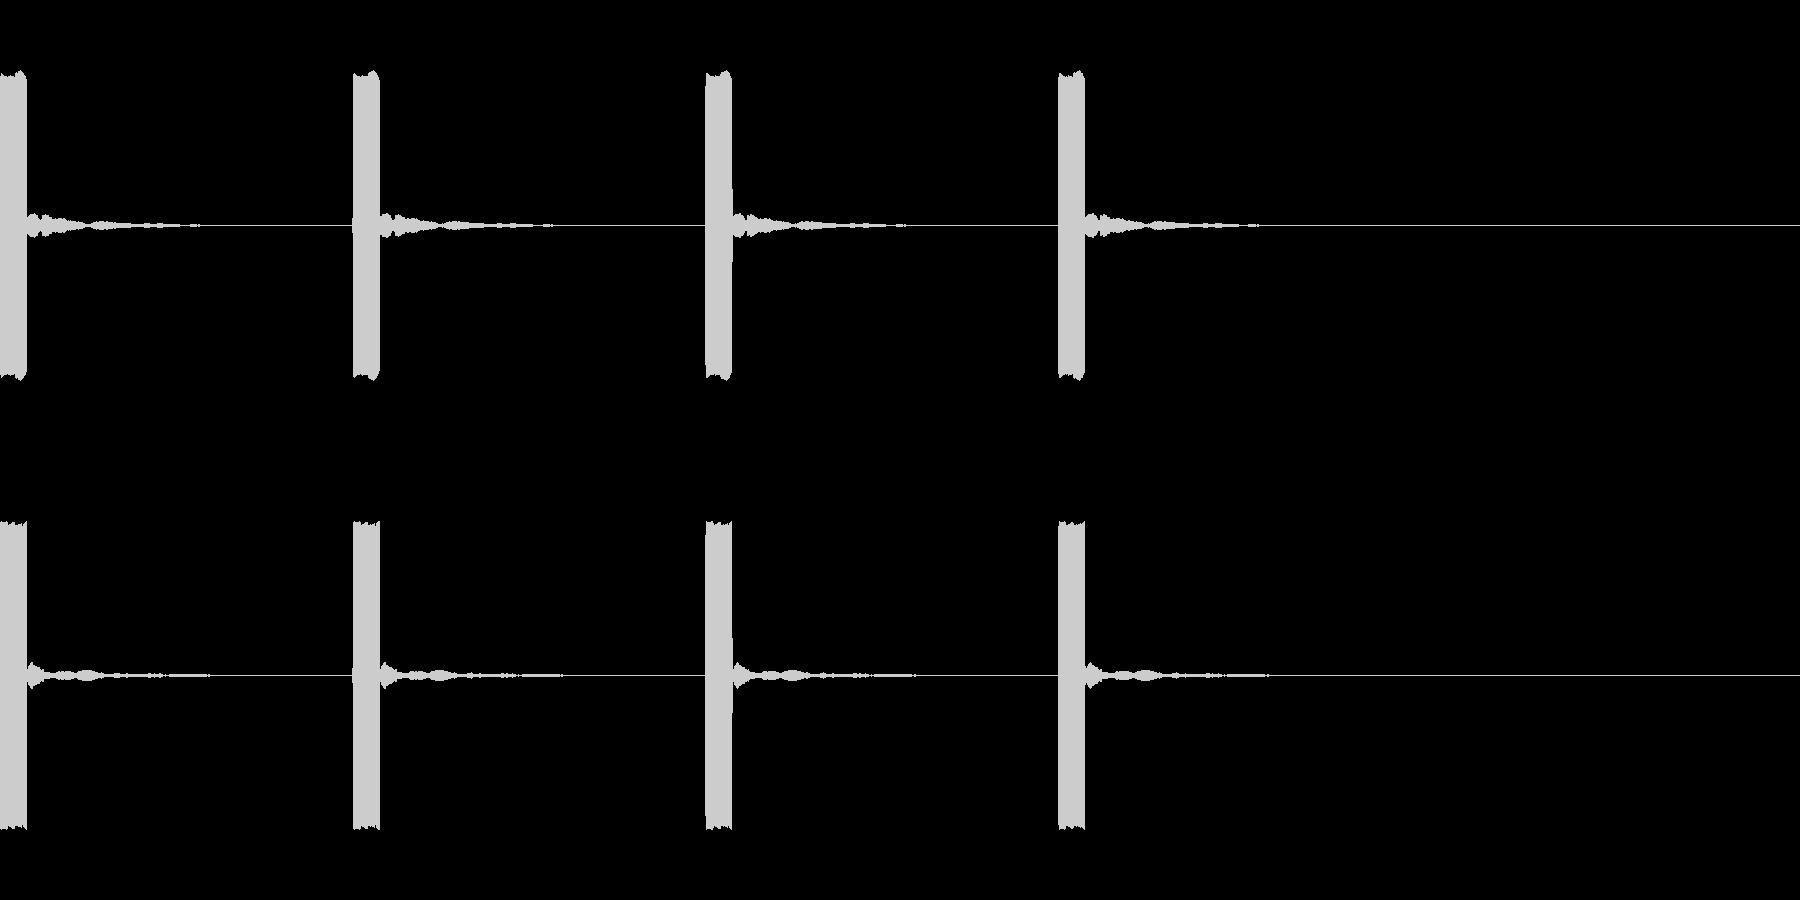 ピッ×4(時間が過ぎる演出)の未再生の波形